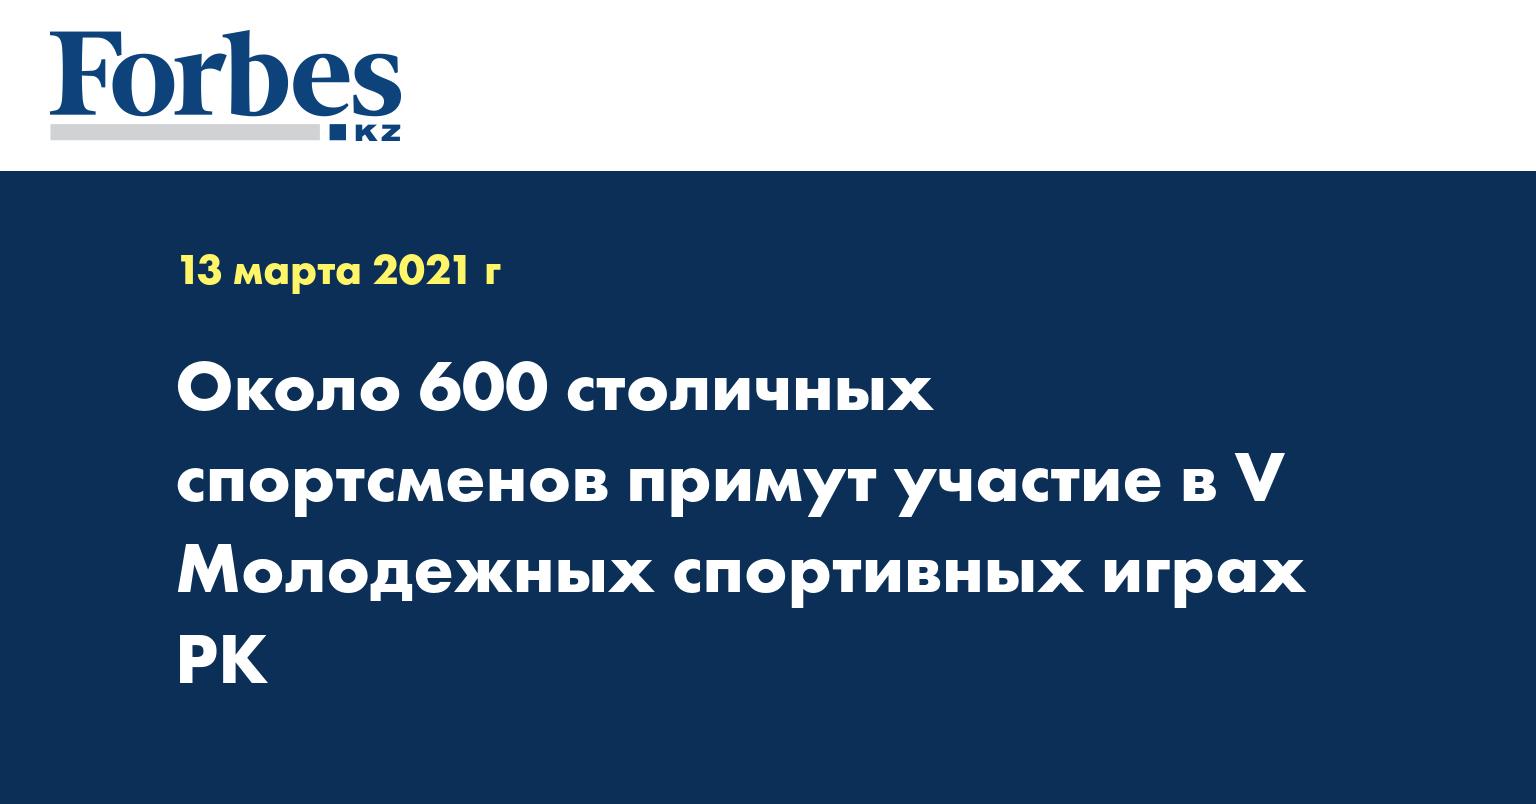 Около 600 столичных спортсменов примут участие в V Молодежных спортивных играх РК